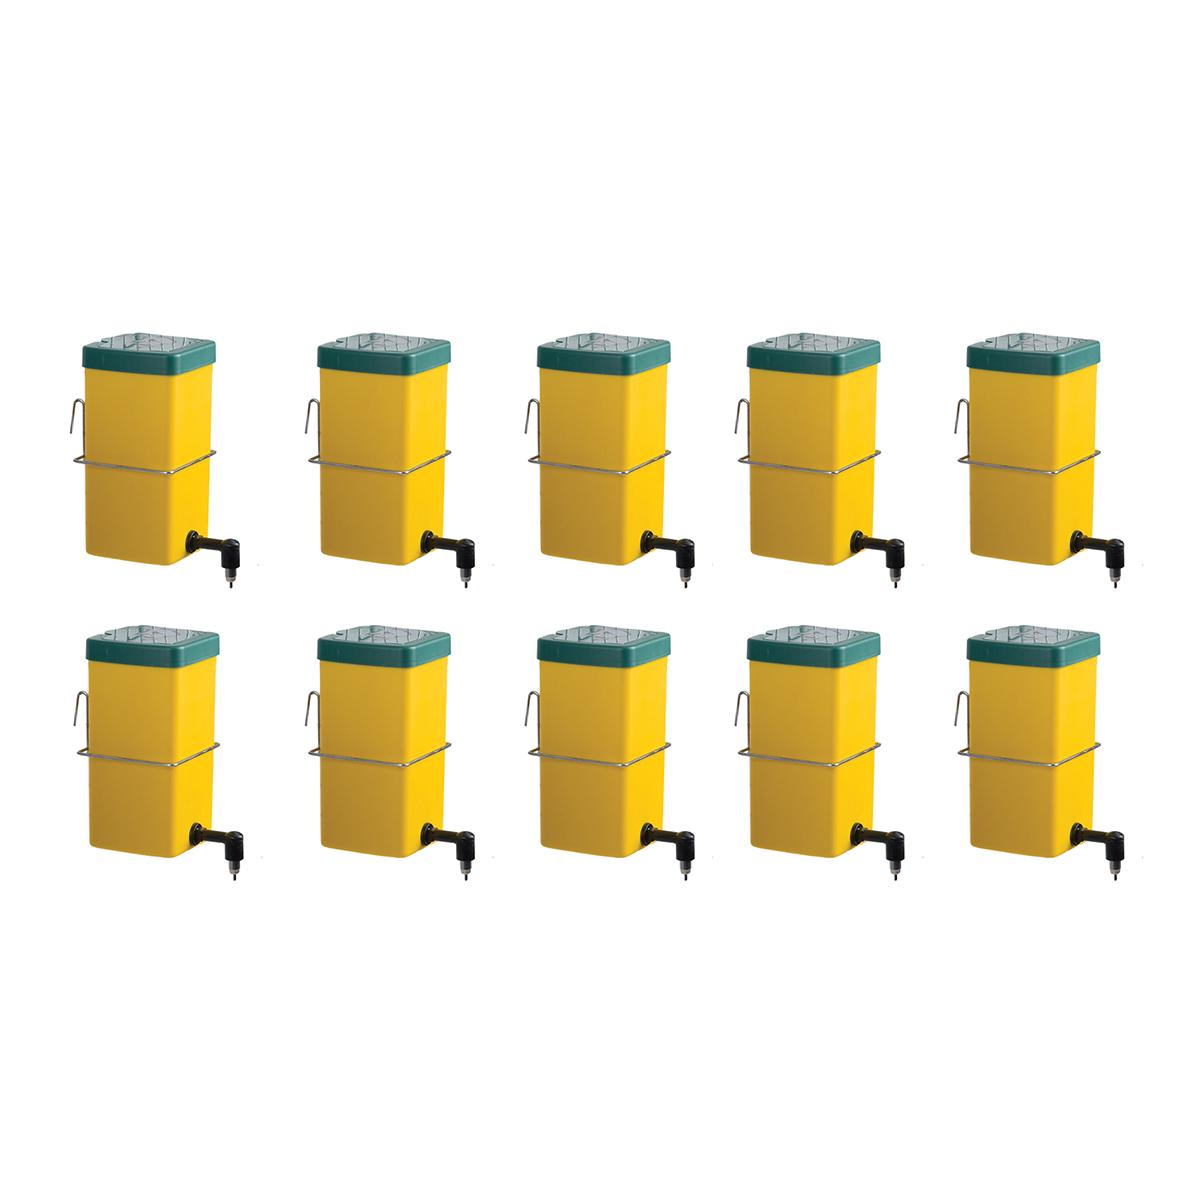 Poidła kropelkowe dla królików z zasobnikiem 1l żółte - zestaw 10 sztuk - zdjecie 1